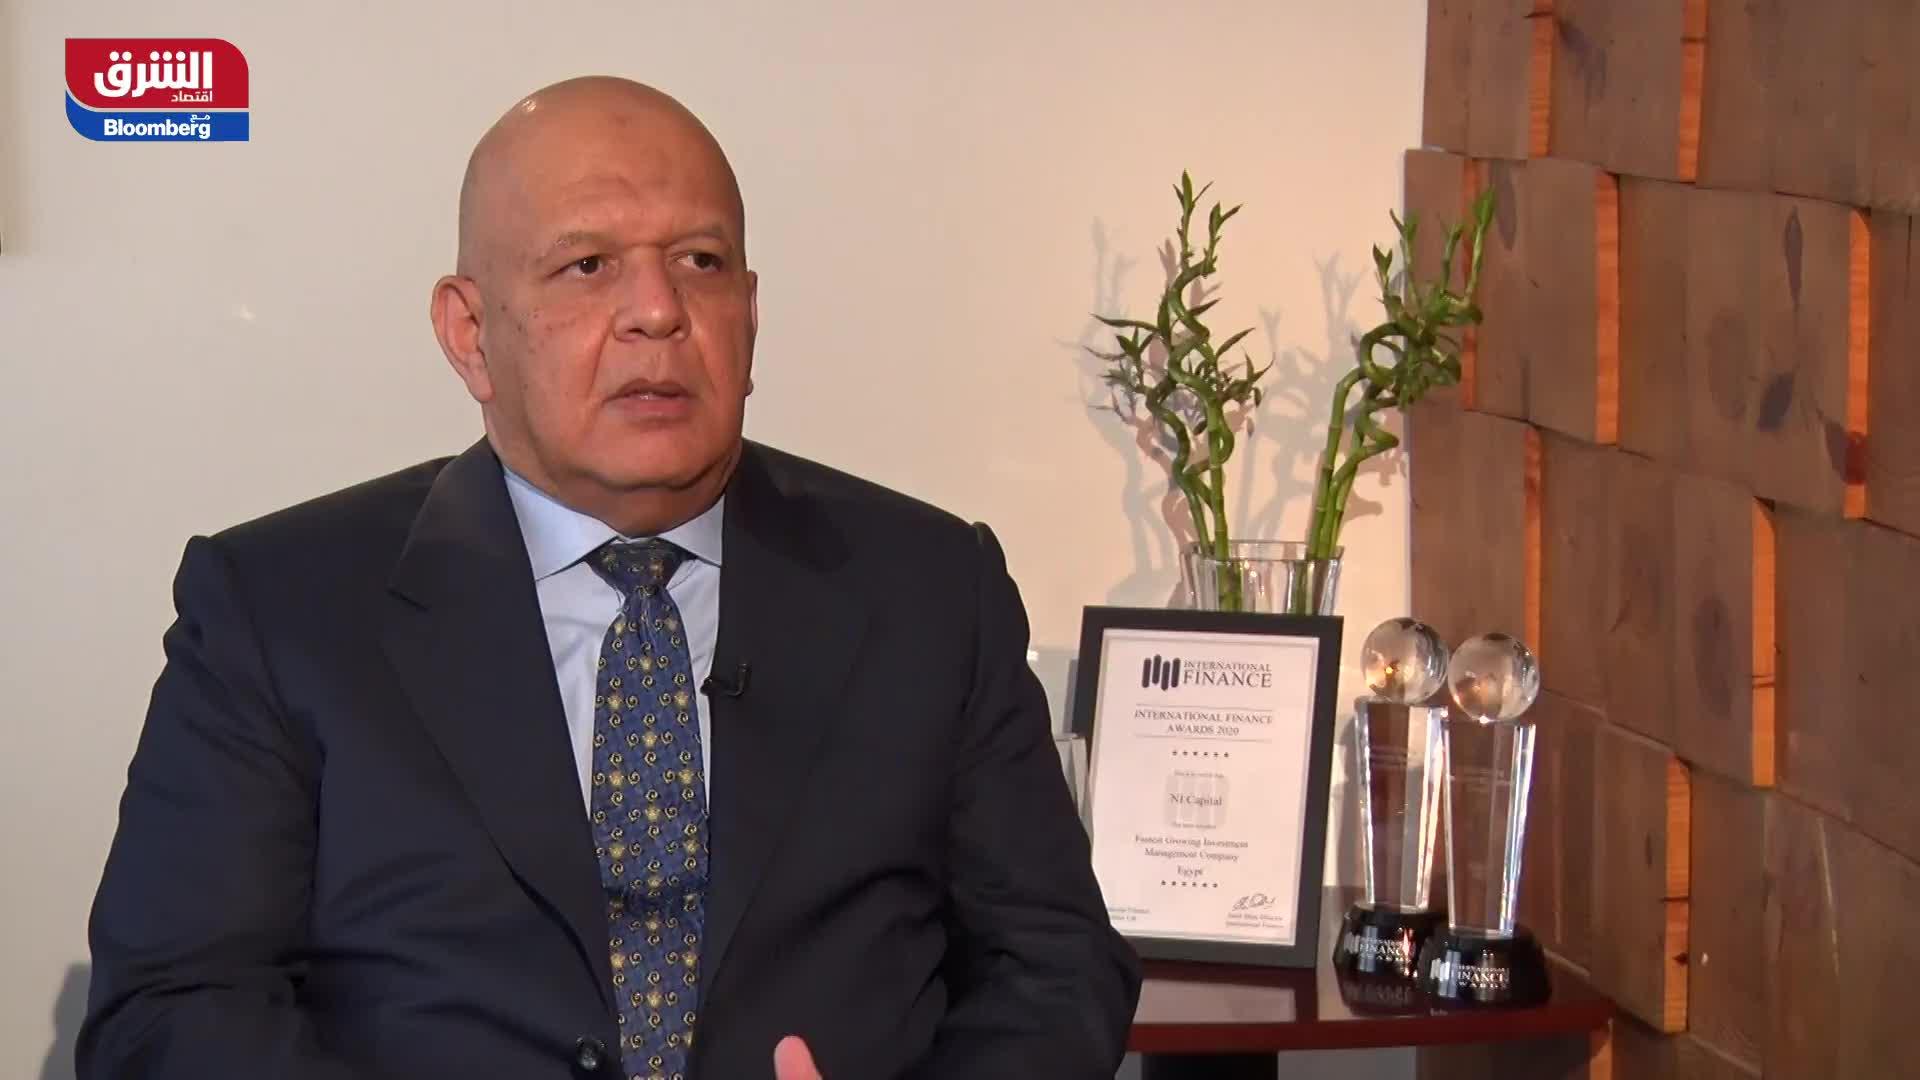 """مقابلة خاصة مع محمد متولي الرئيس التنفيذي والعضو المنتدب لـ""""إن آي كابيتال"""" المصرية"""